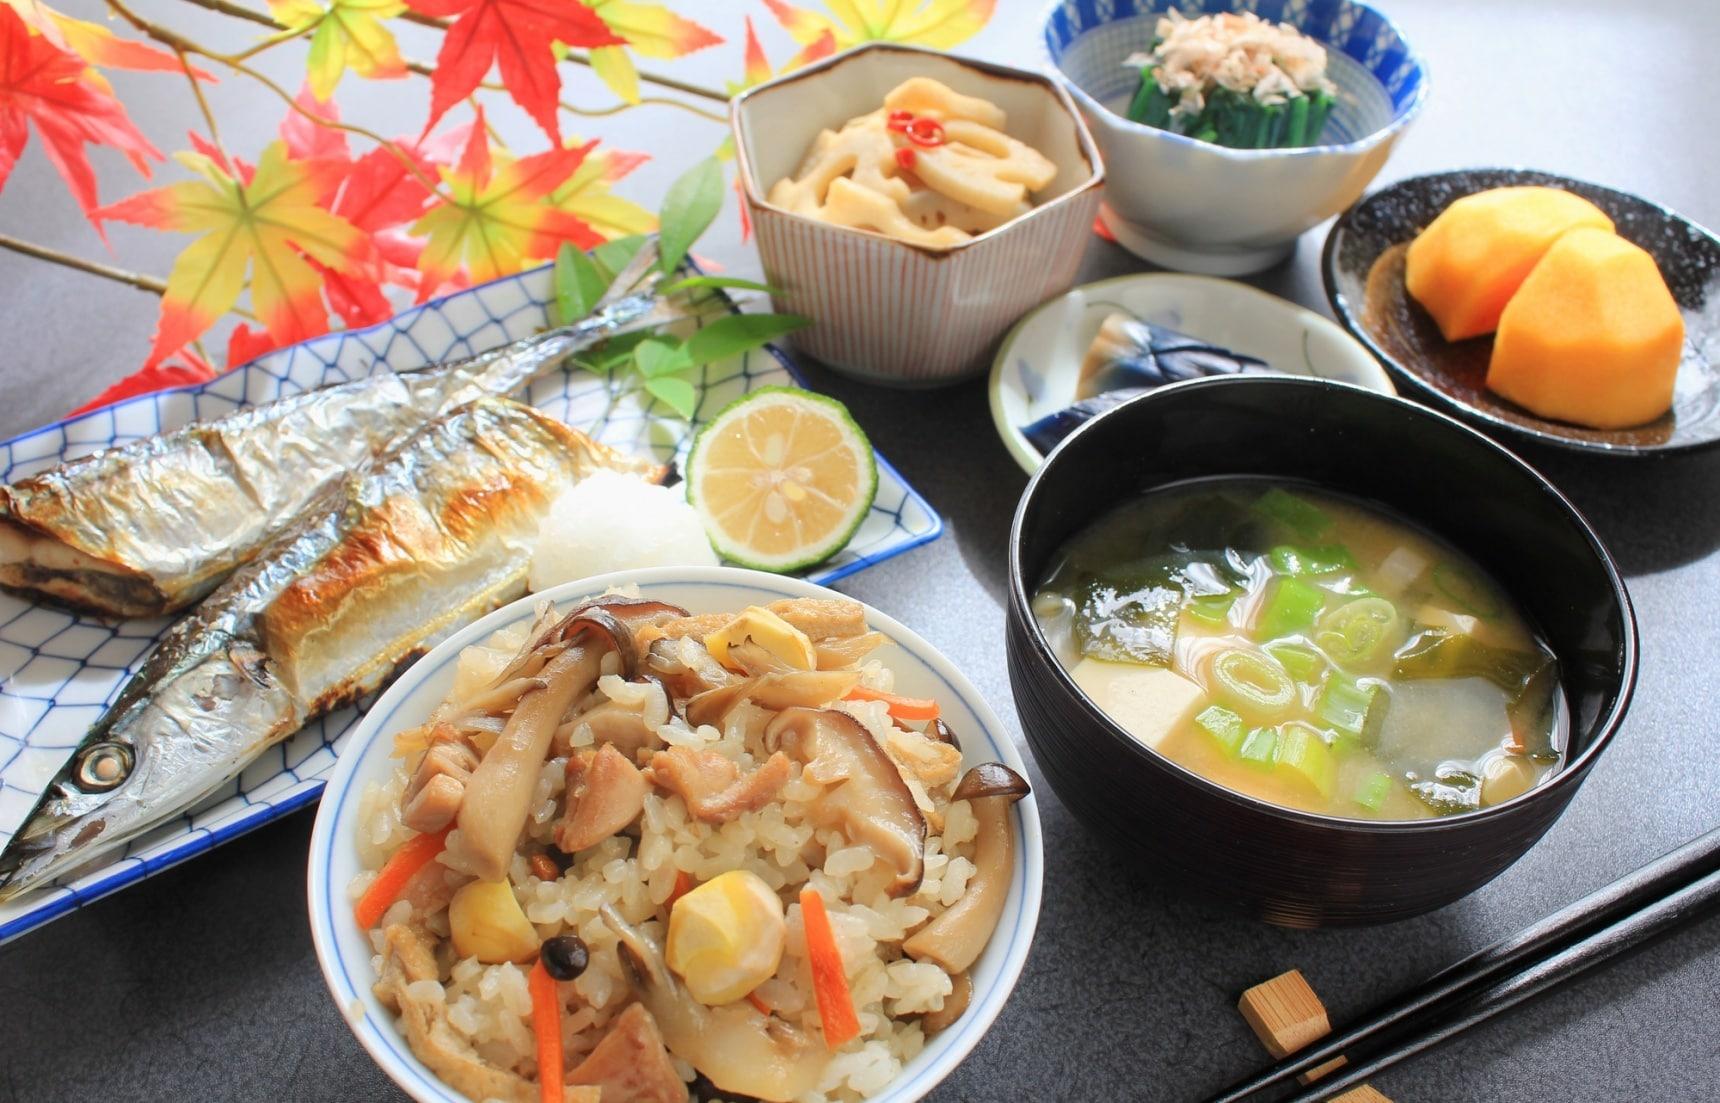 食慾之秋!在日本不能錯過的10大秋季美食!